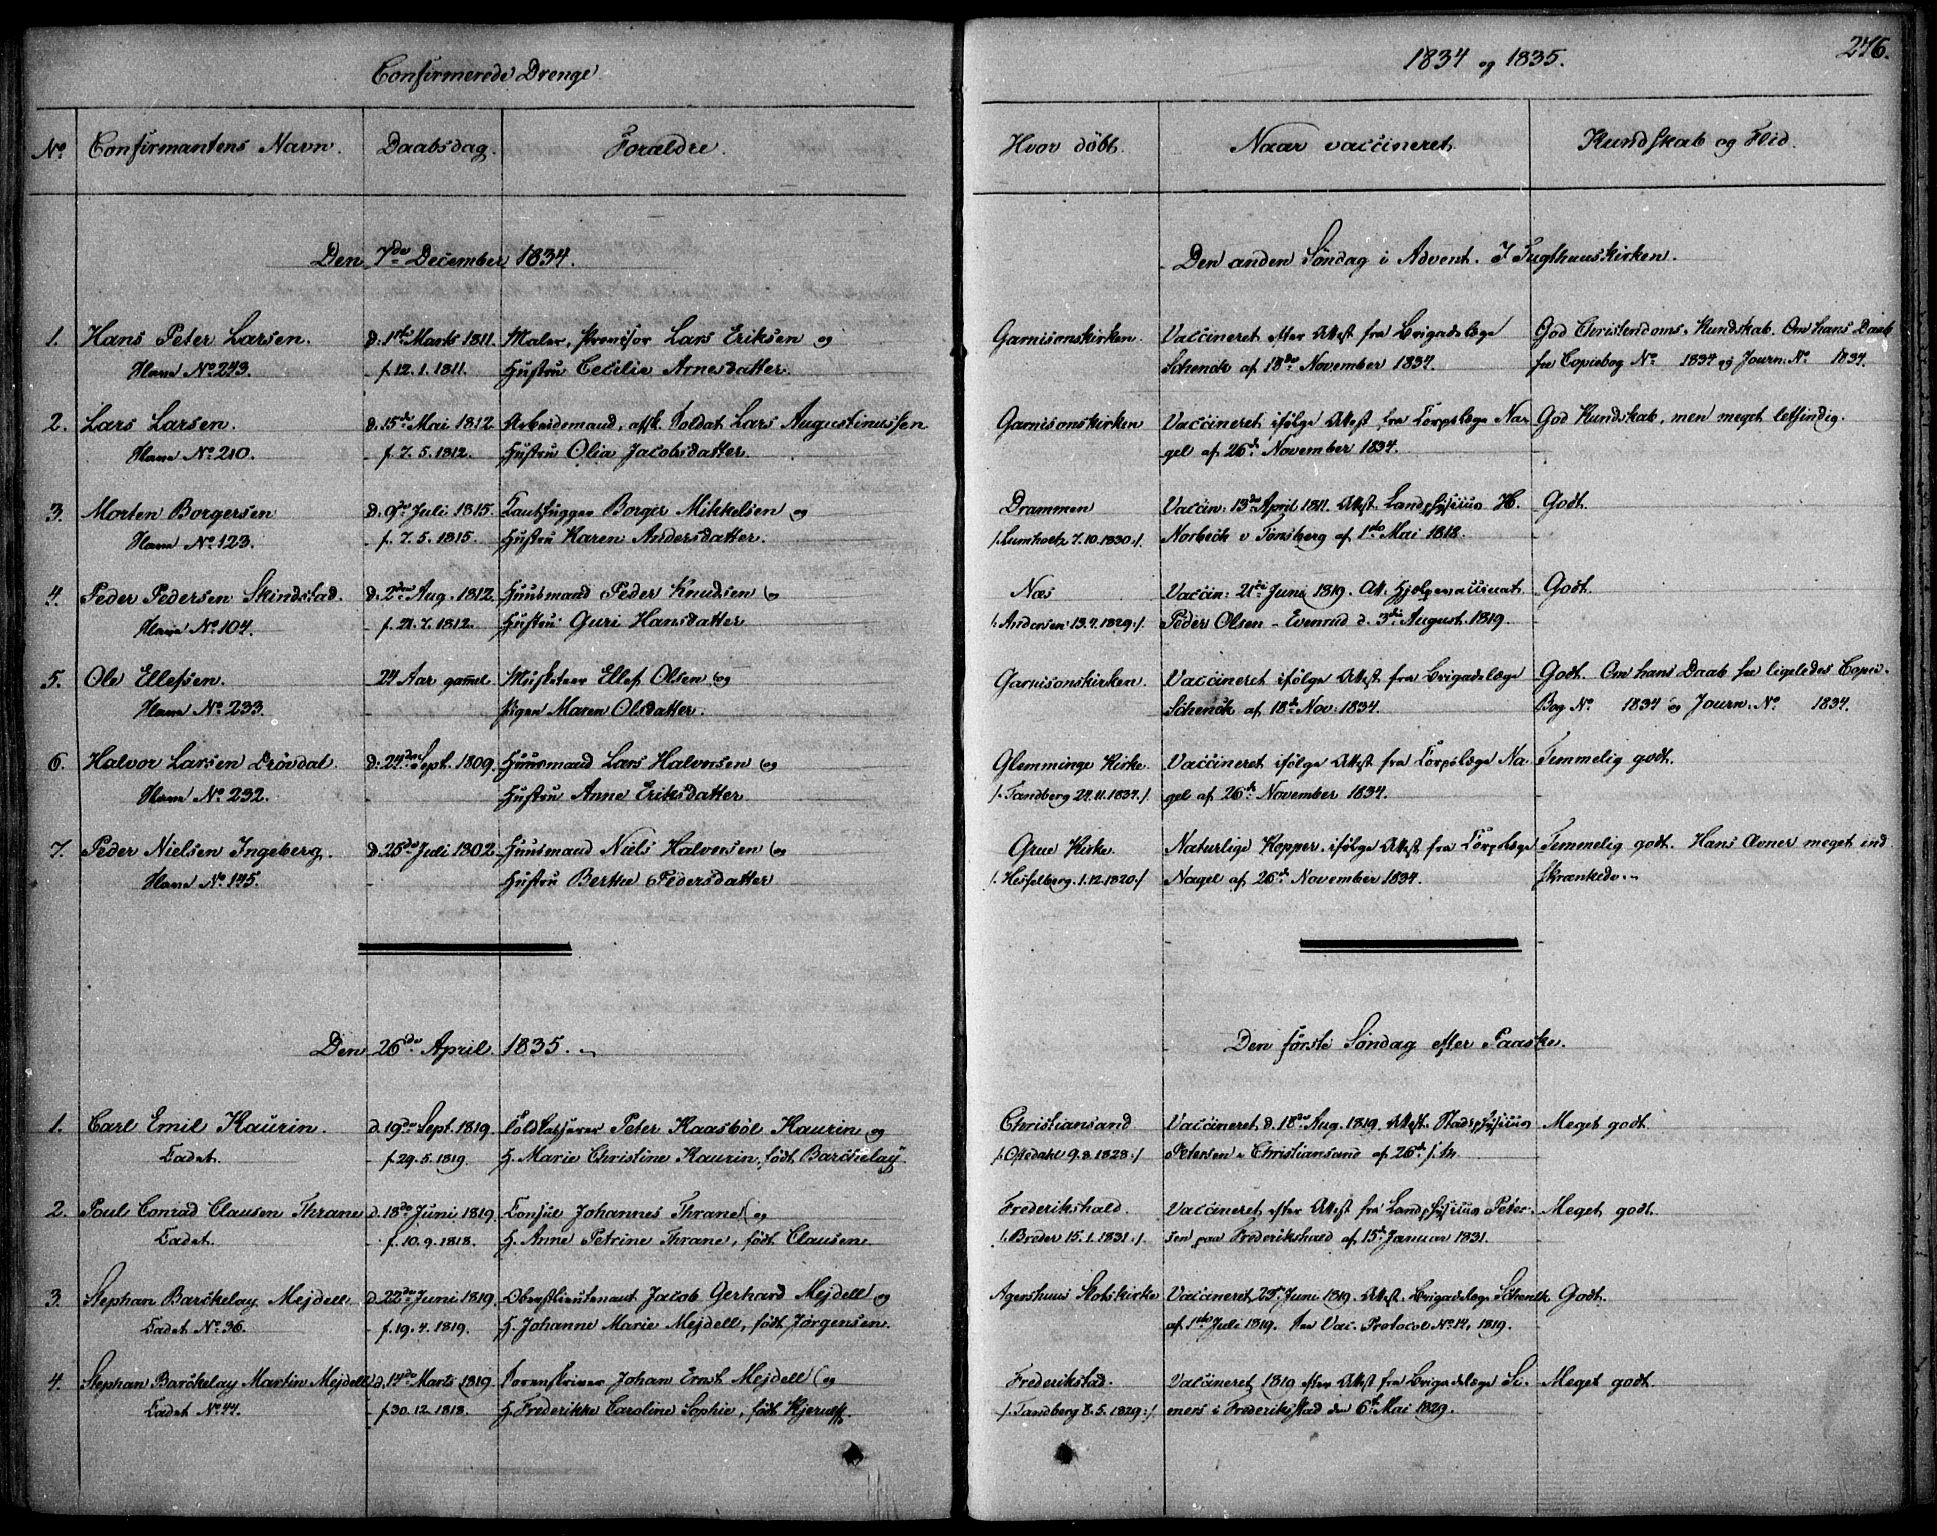 SAO, Garnisonsmenigheten Kirkebøker, F/Fa/L0006: Ministerialbok nr. 6, 1828-1841, s. 276